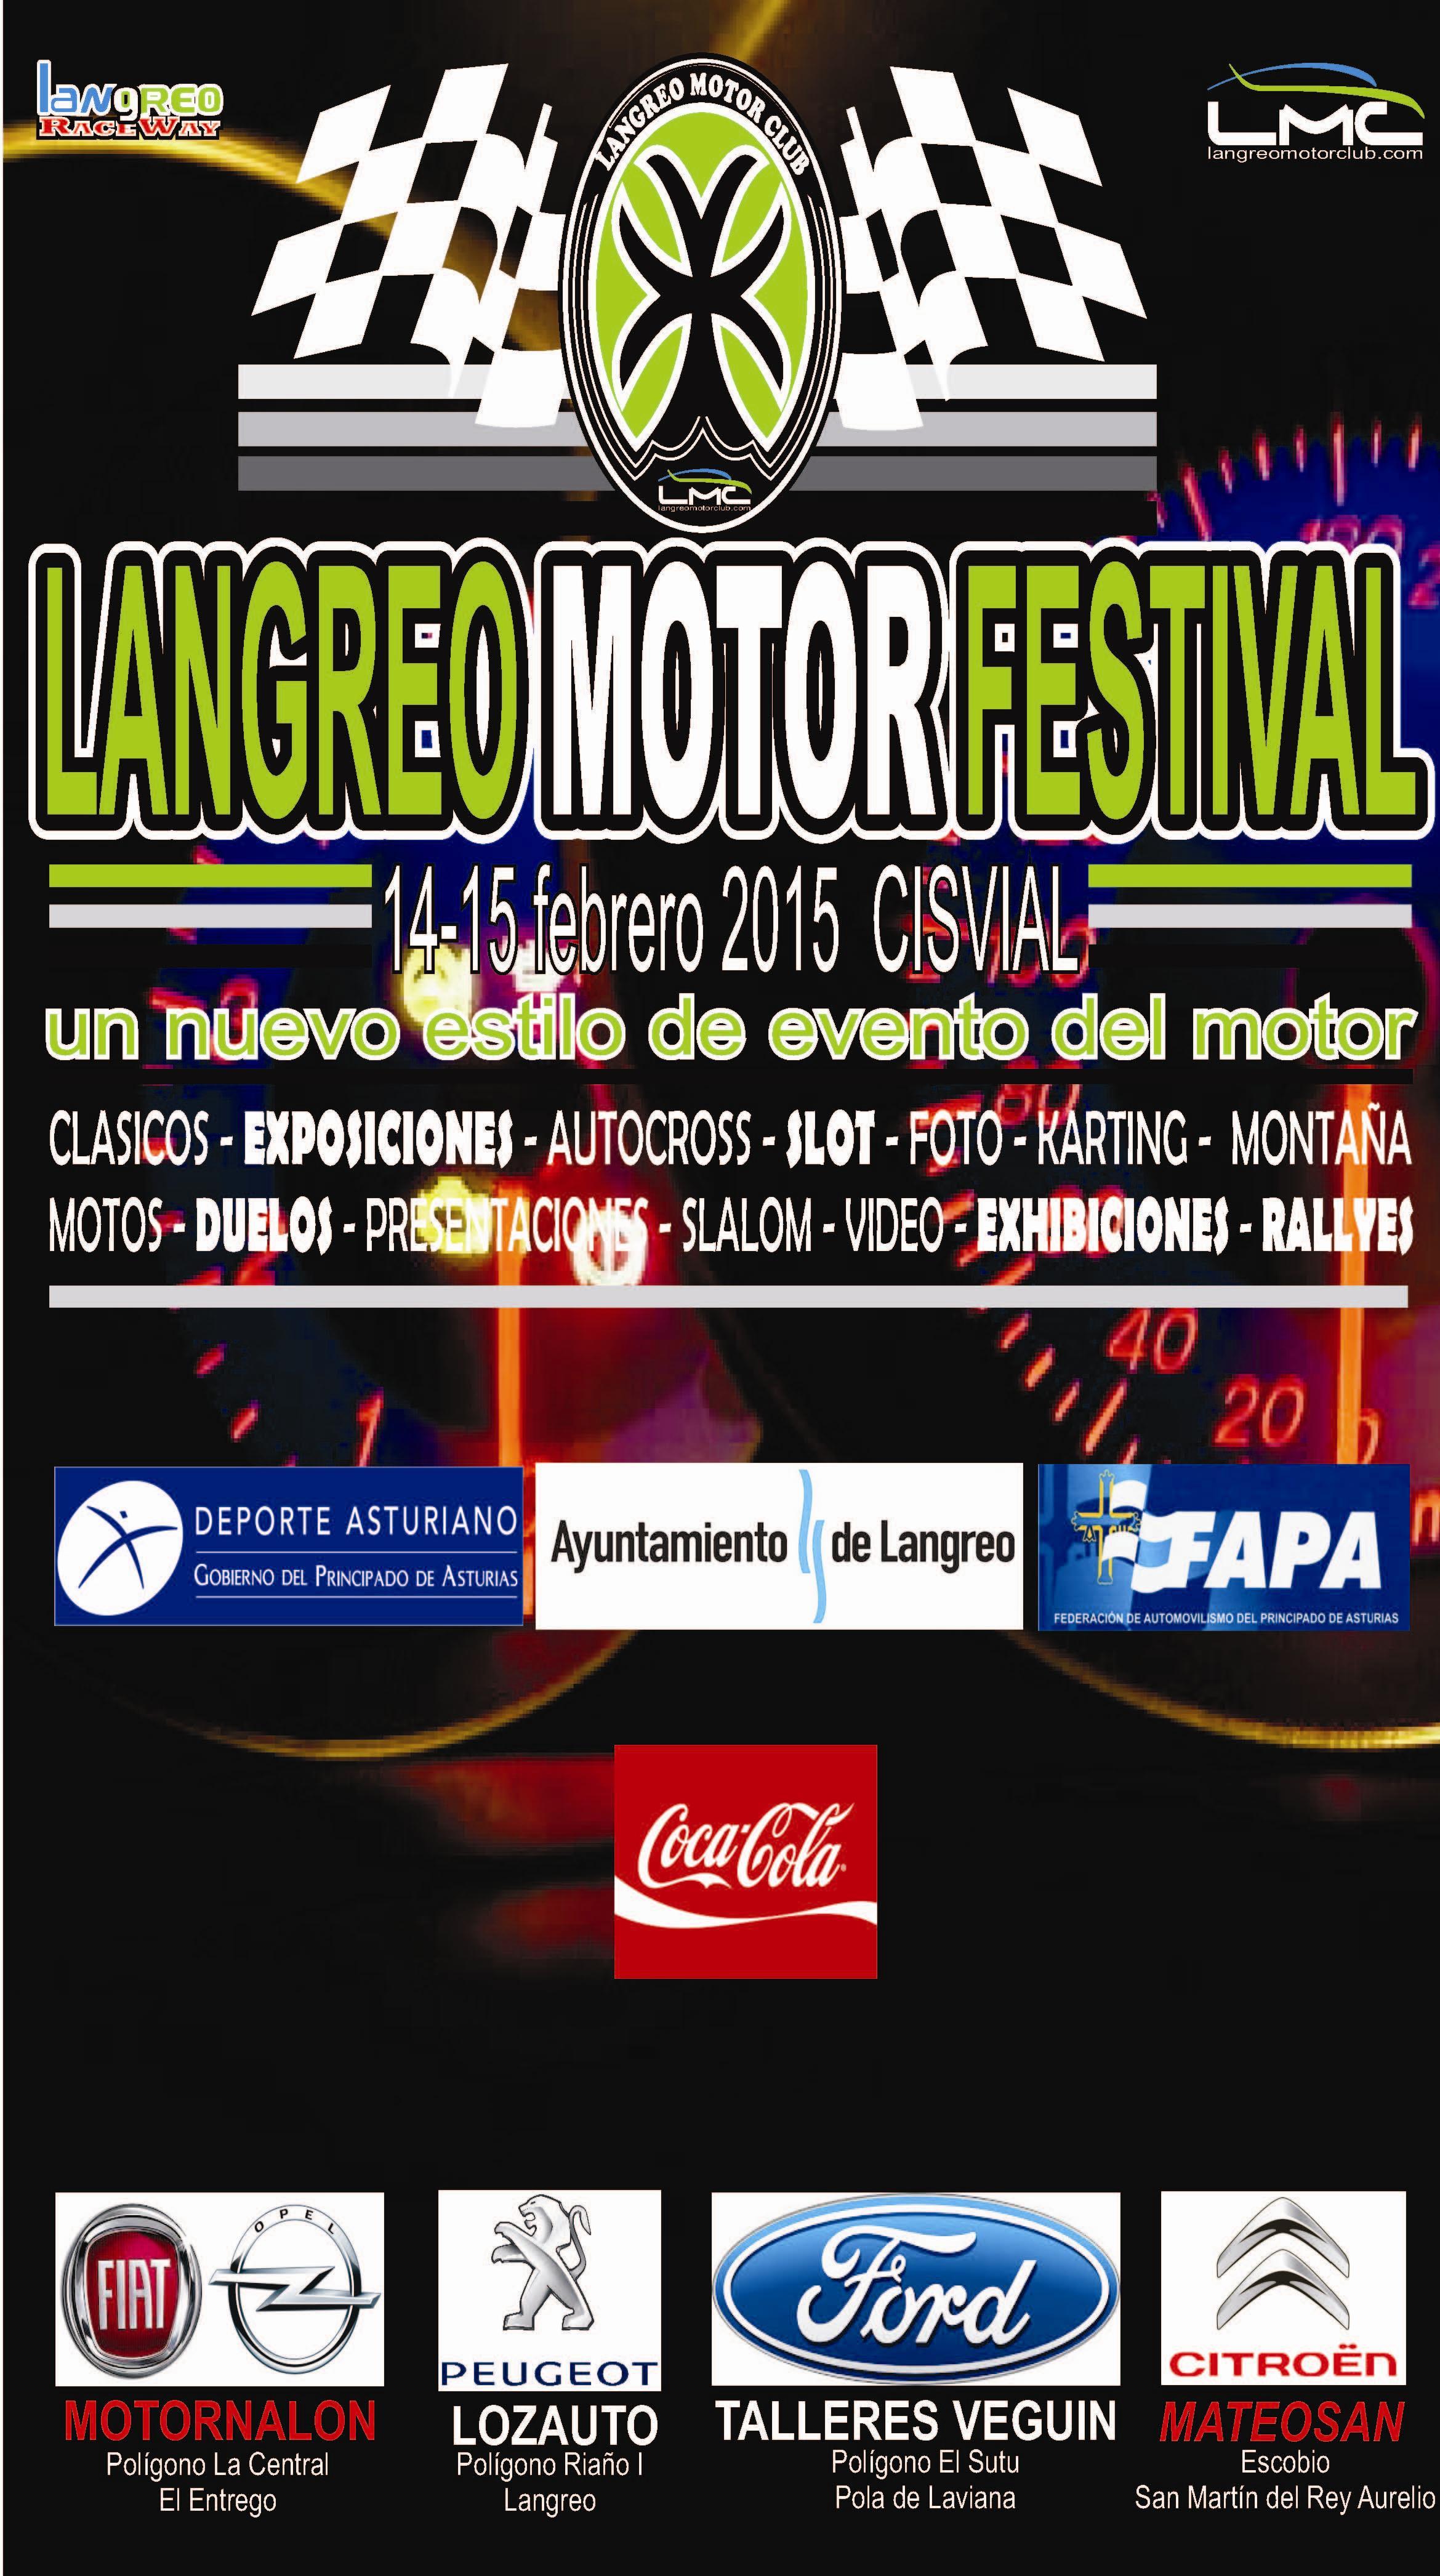 LANGRE OMOTOR FESTIVAL 14 Y 15 FEBRERO 2015 Cartel-lmf